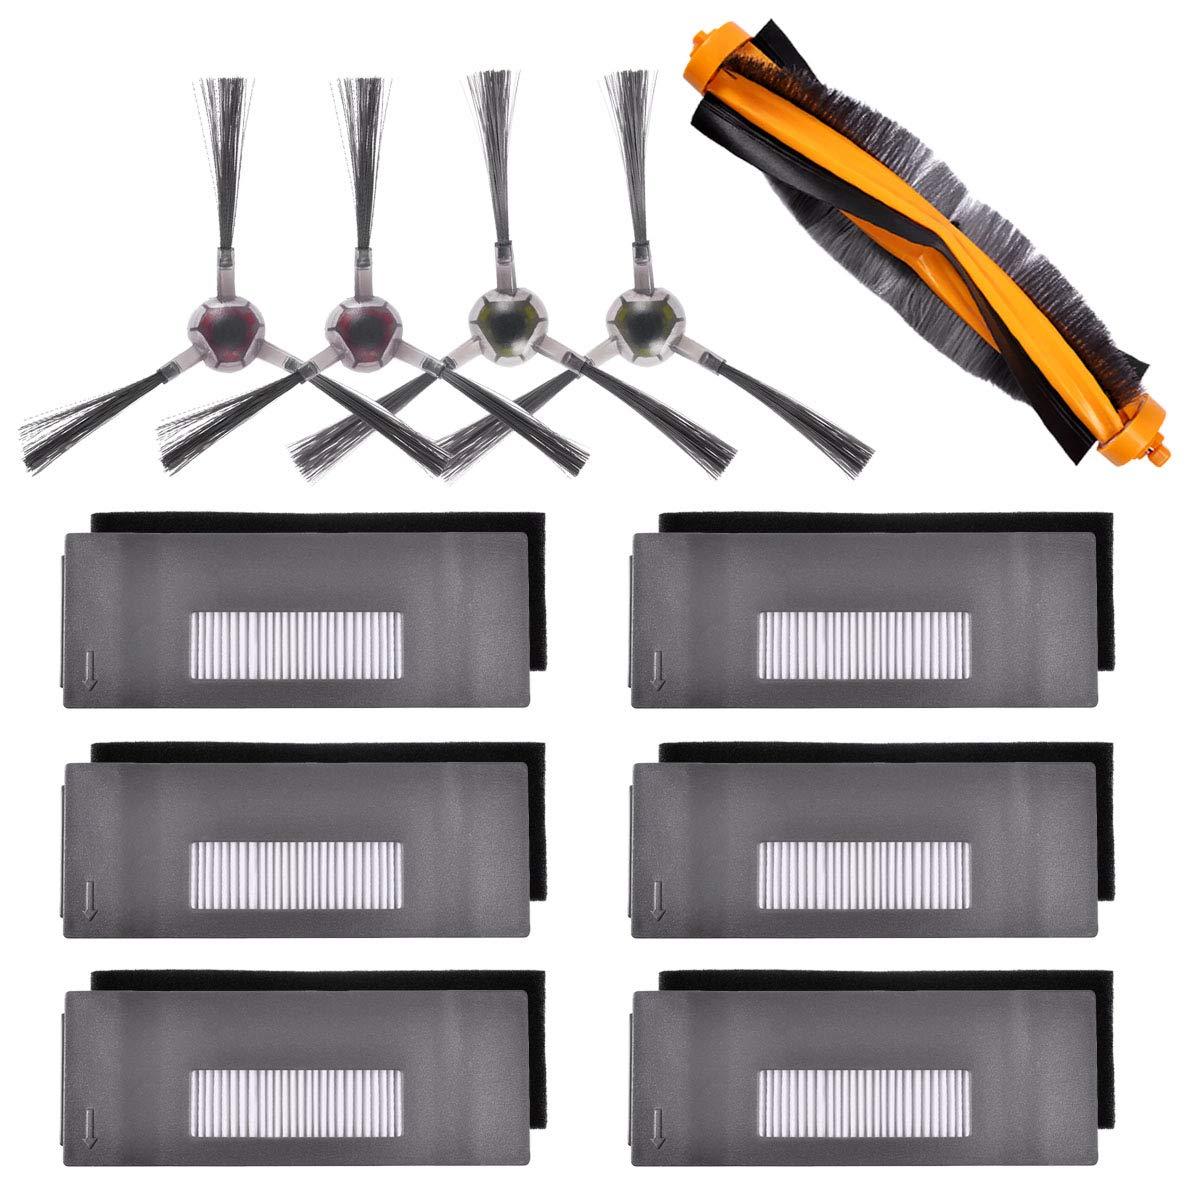 SANQ набор аксессуаров, совместимый с Ecovacs Deebot 901 900 Роботизированный Вакуумный, 6 фильтров + 2 набора кистей + 1 основная щетка